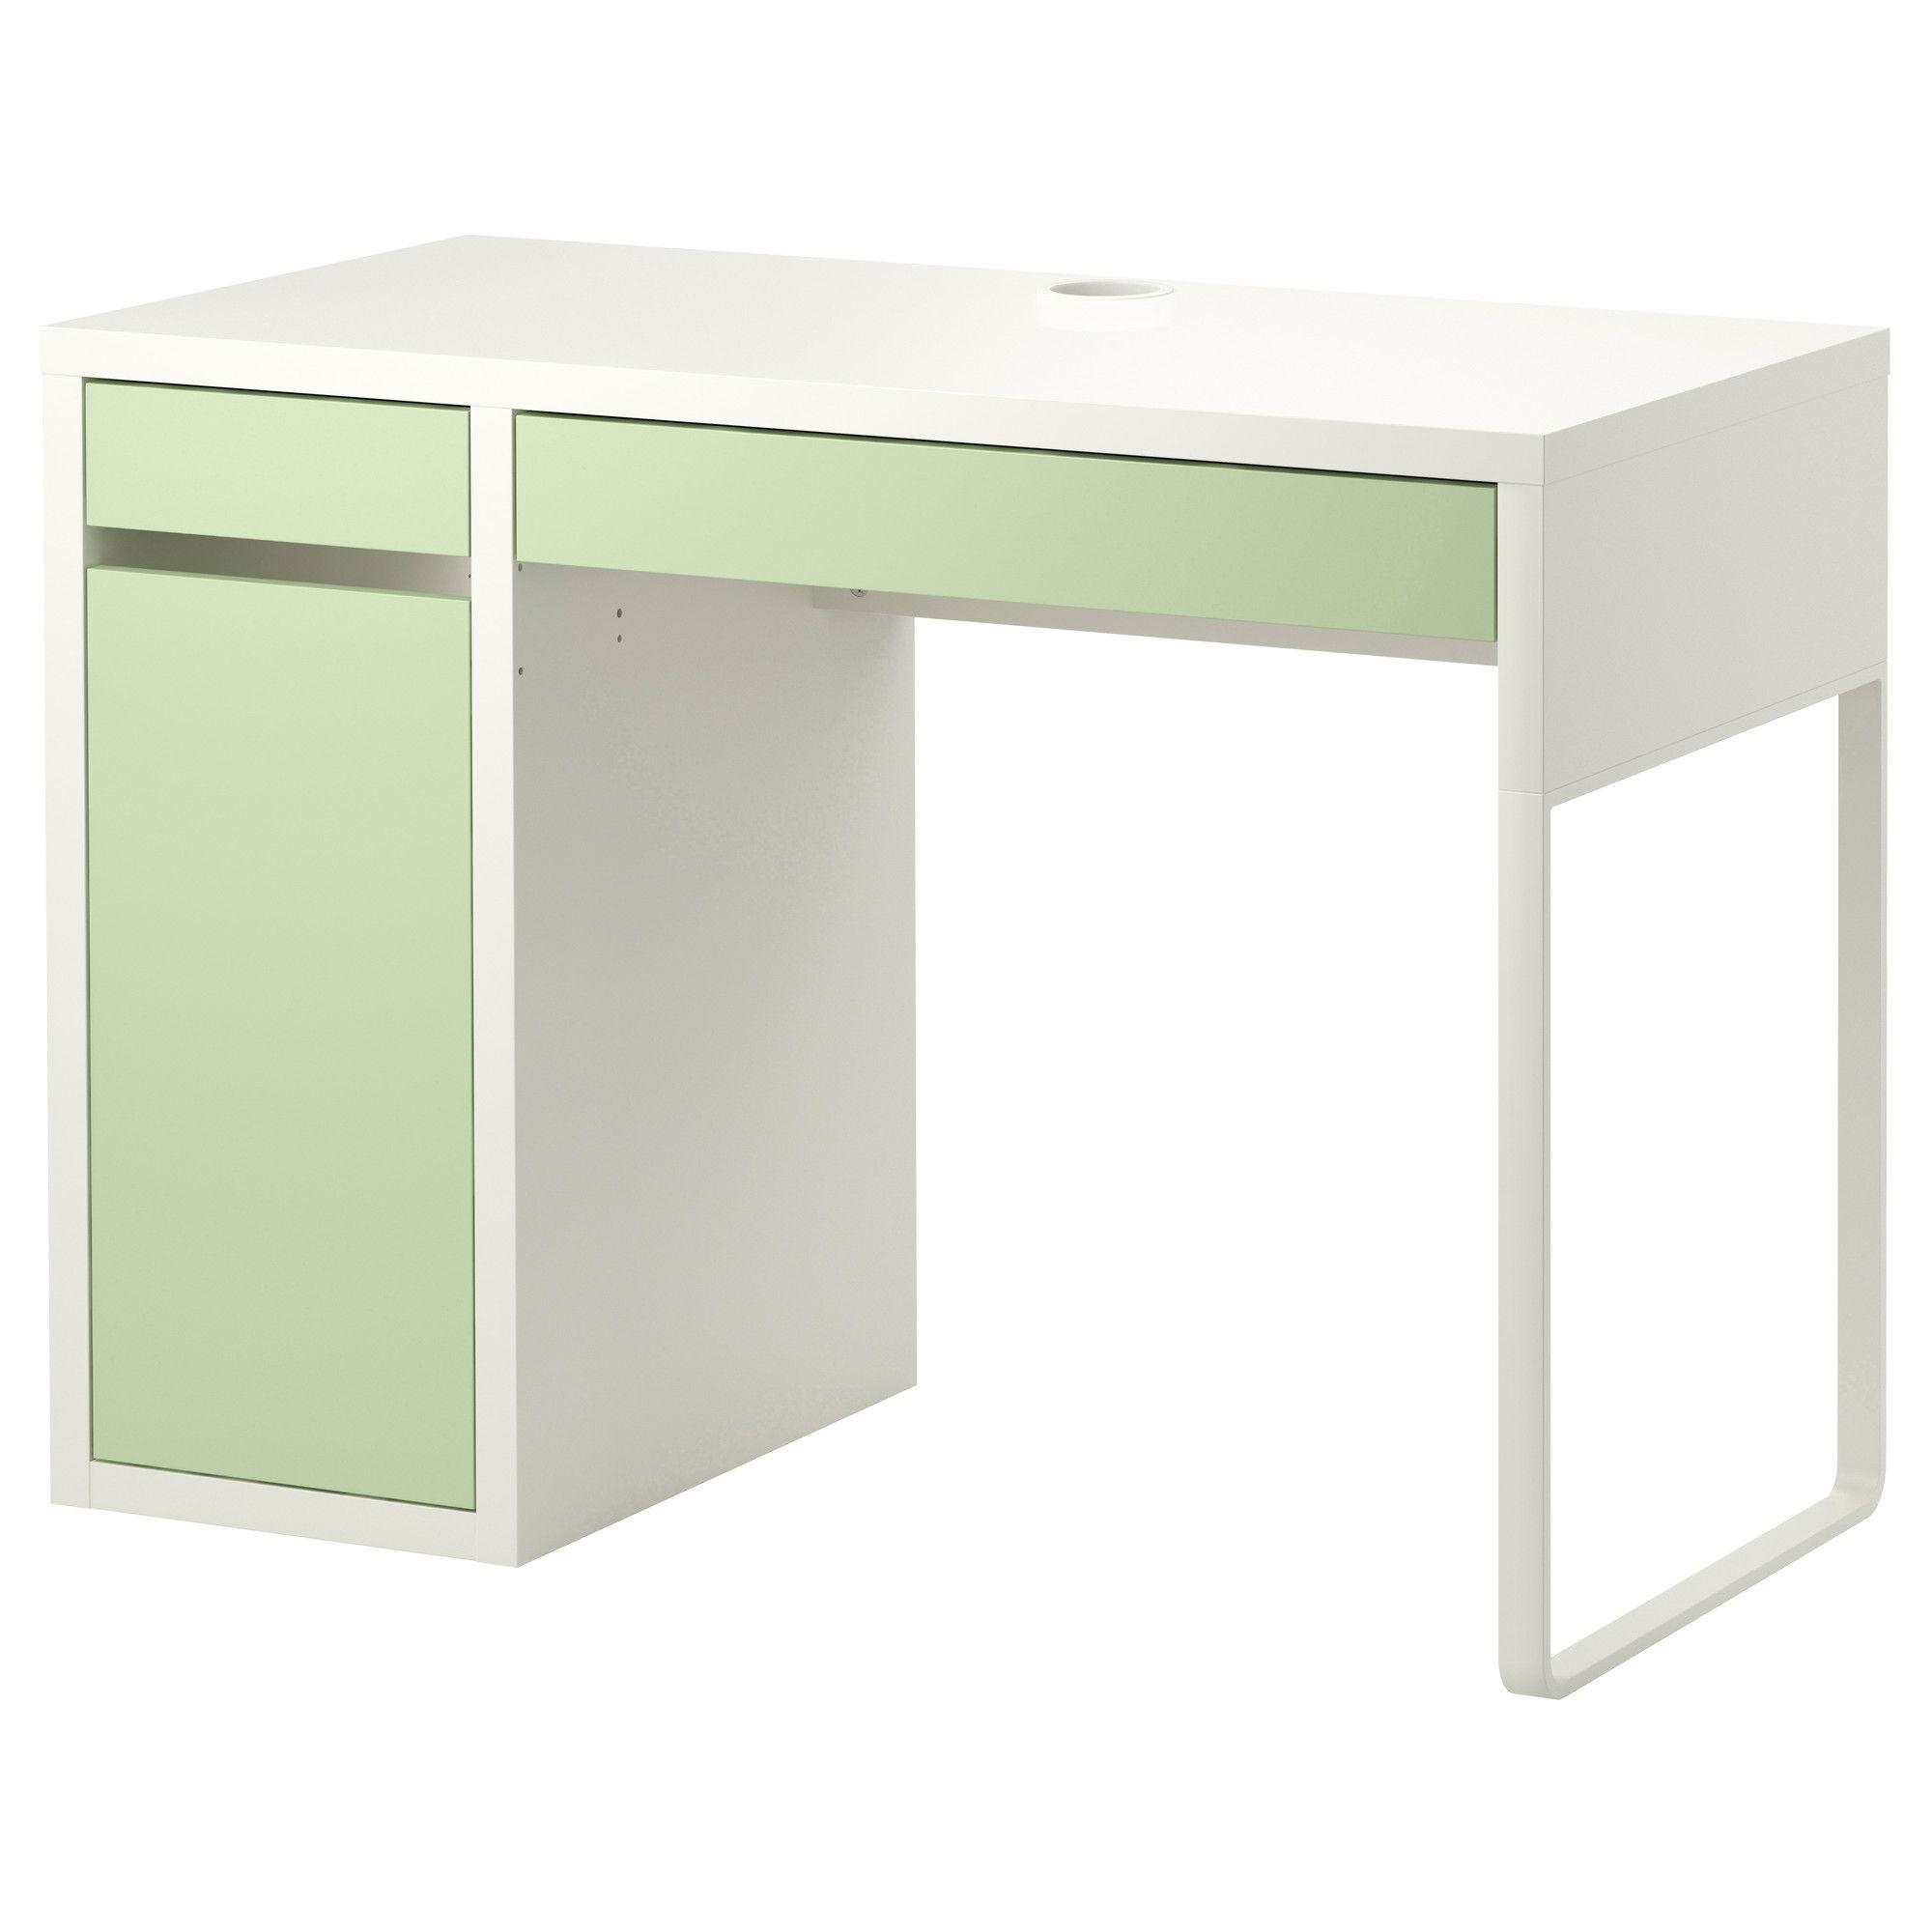 Ikea Bureau Zwart Wit.Meubels Verlichting Woondecoratie En Meer Ikea Home